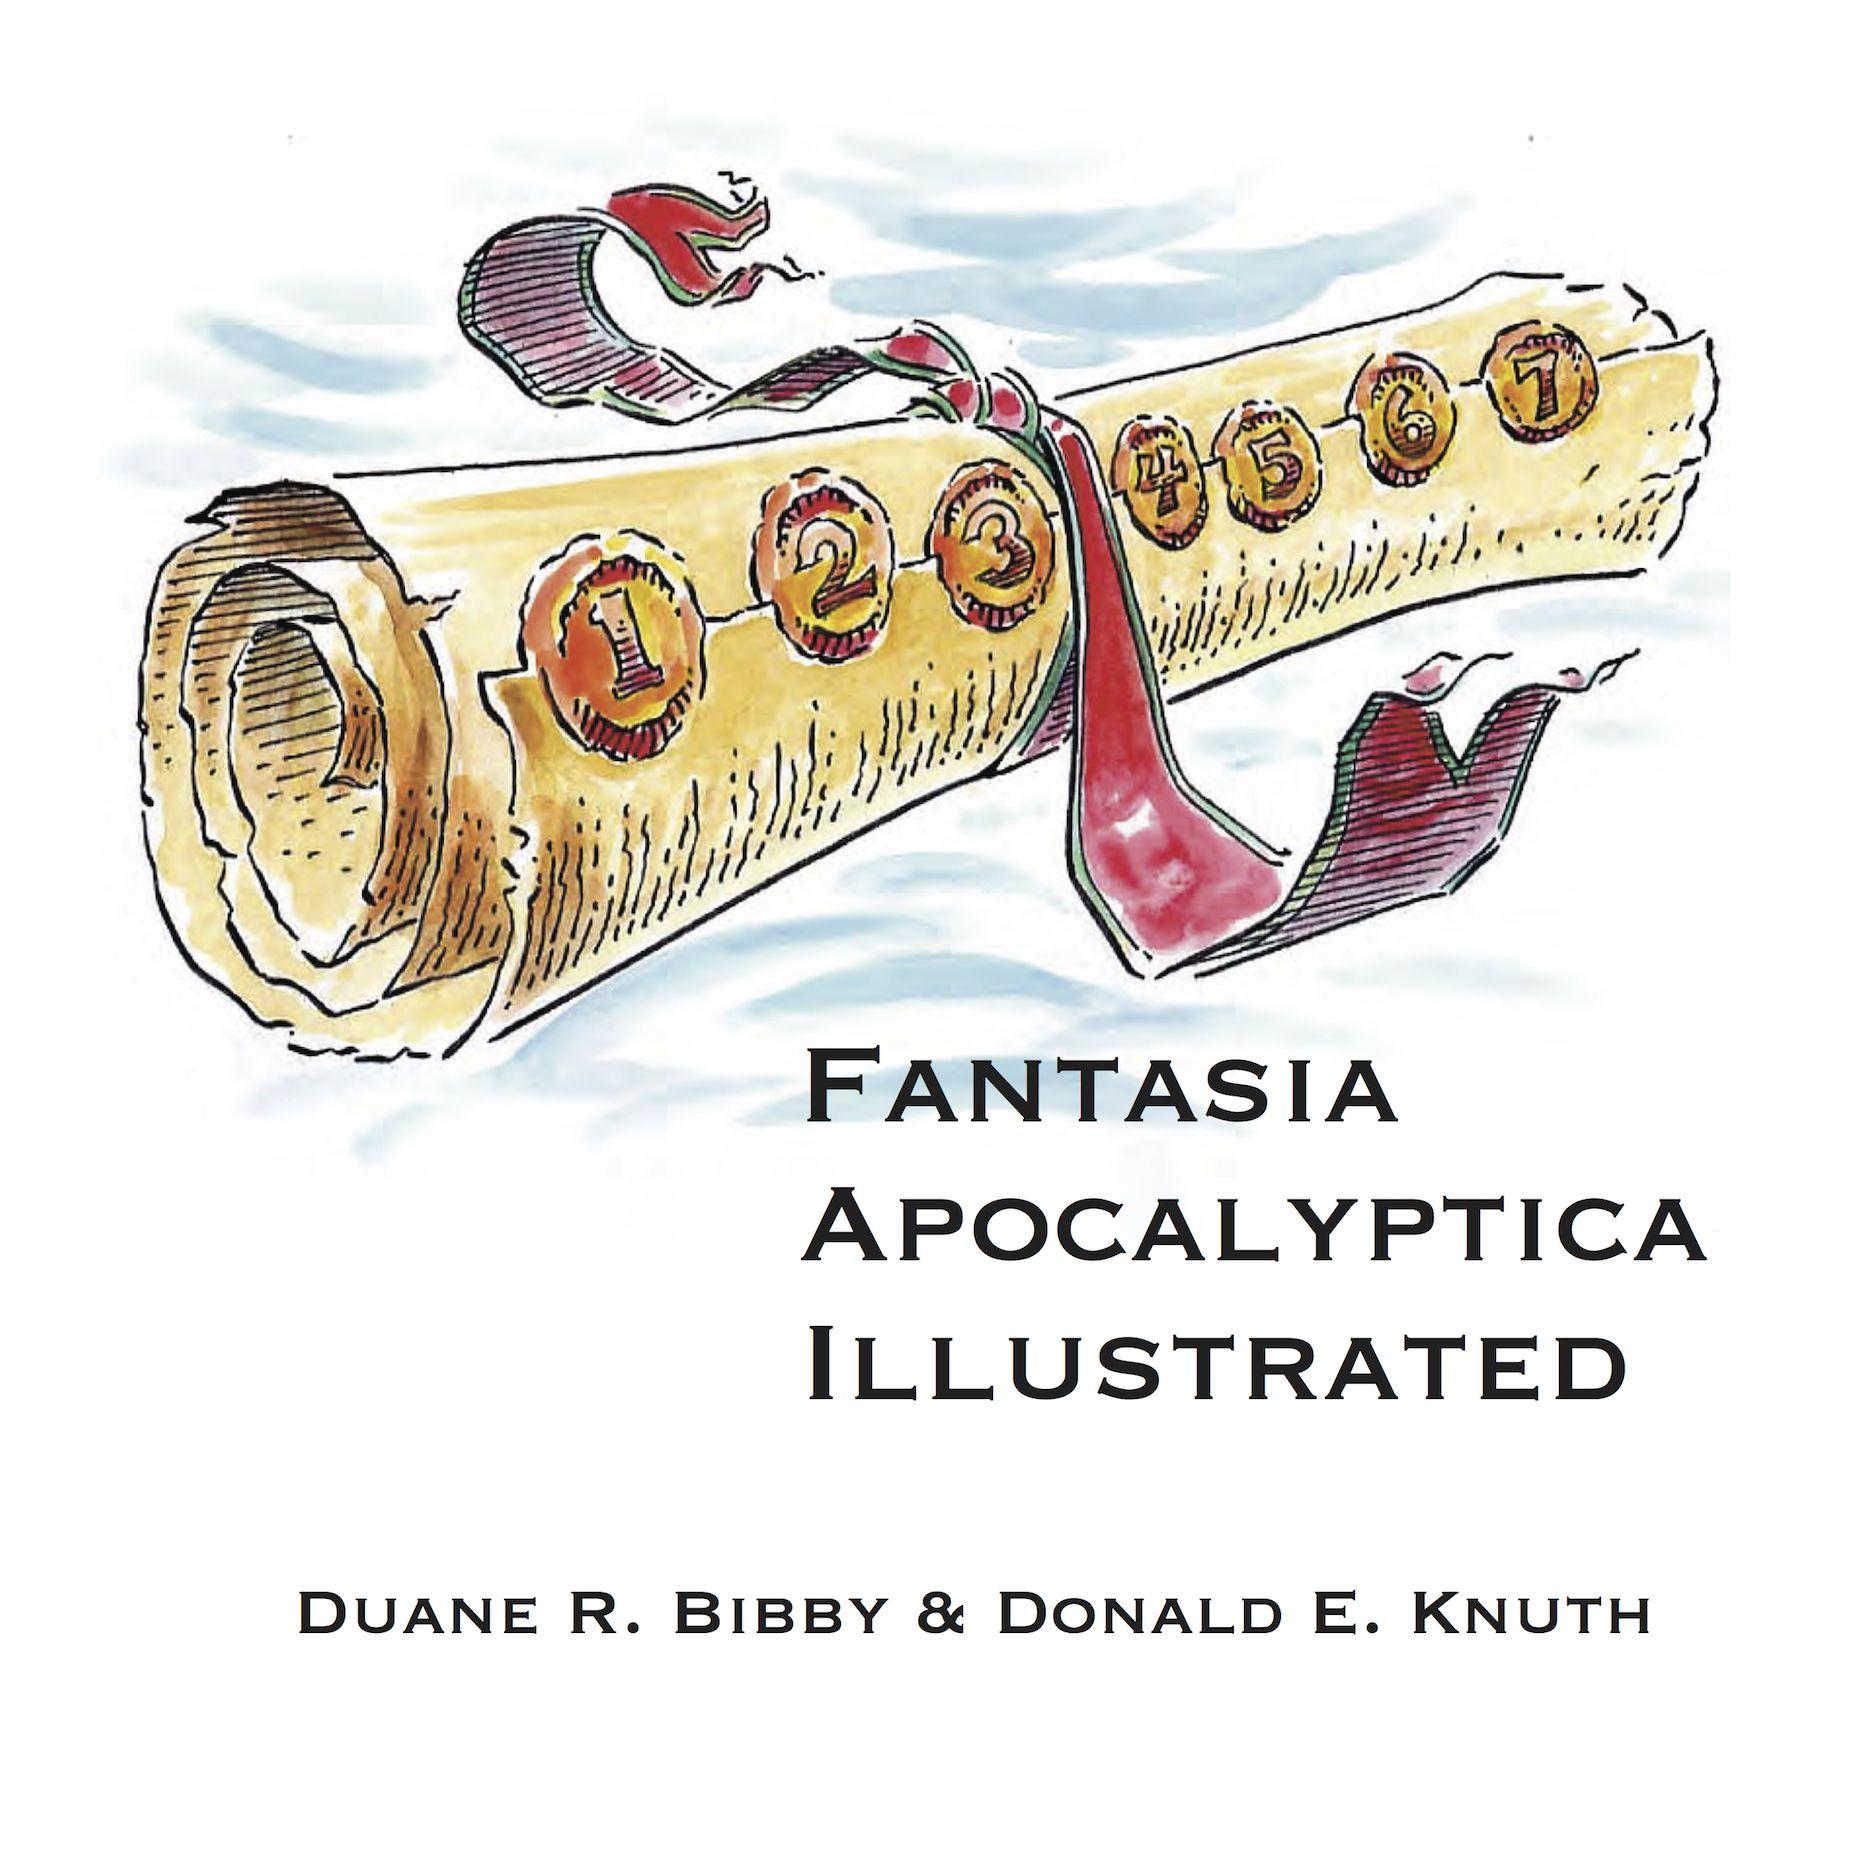 Fantasia Apocalyptica Illustrated